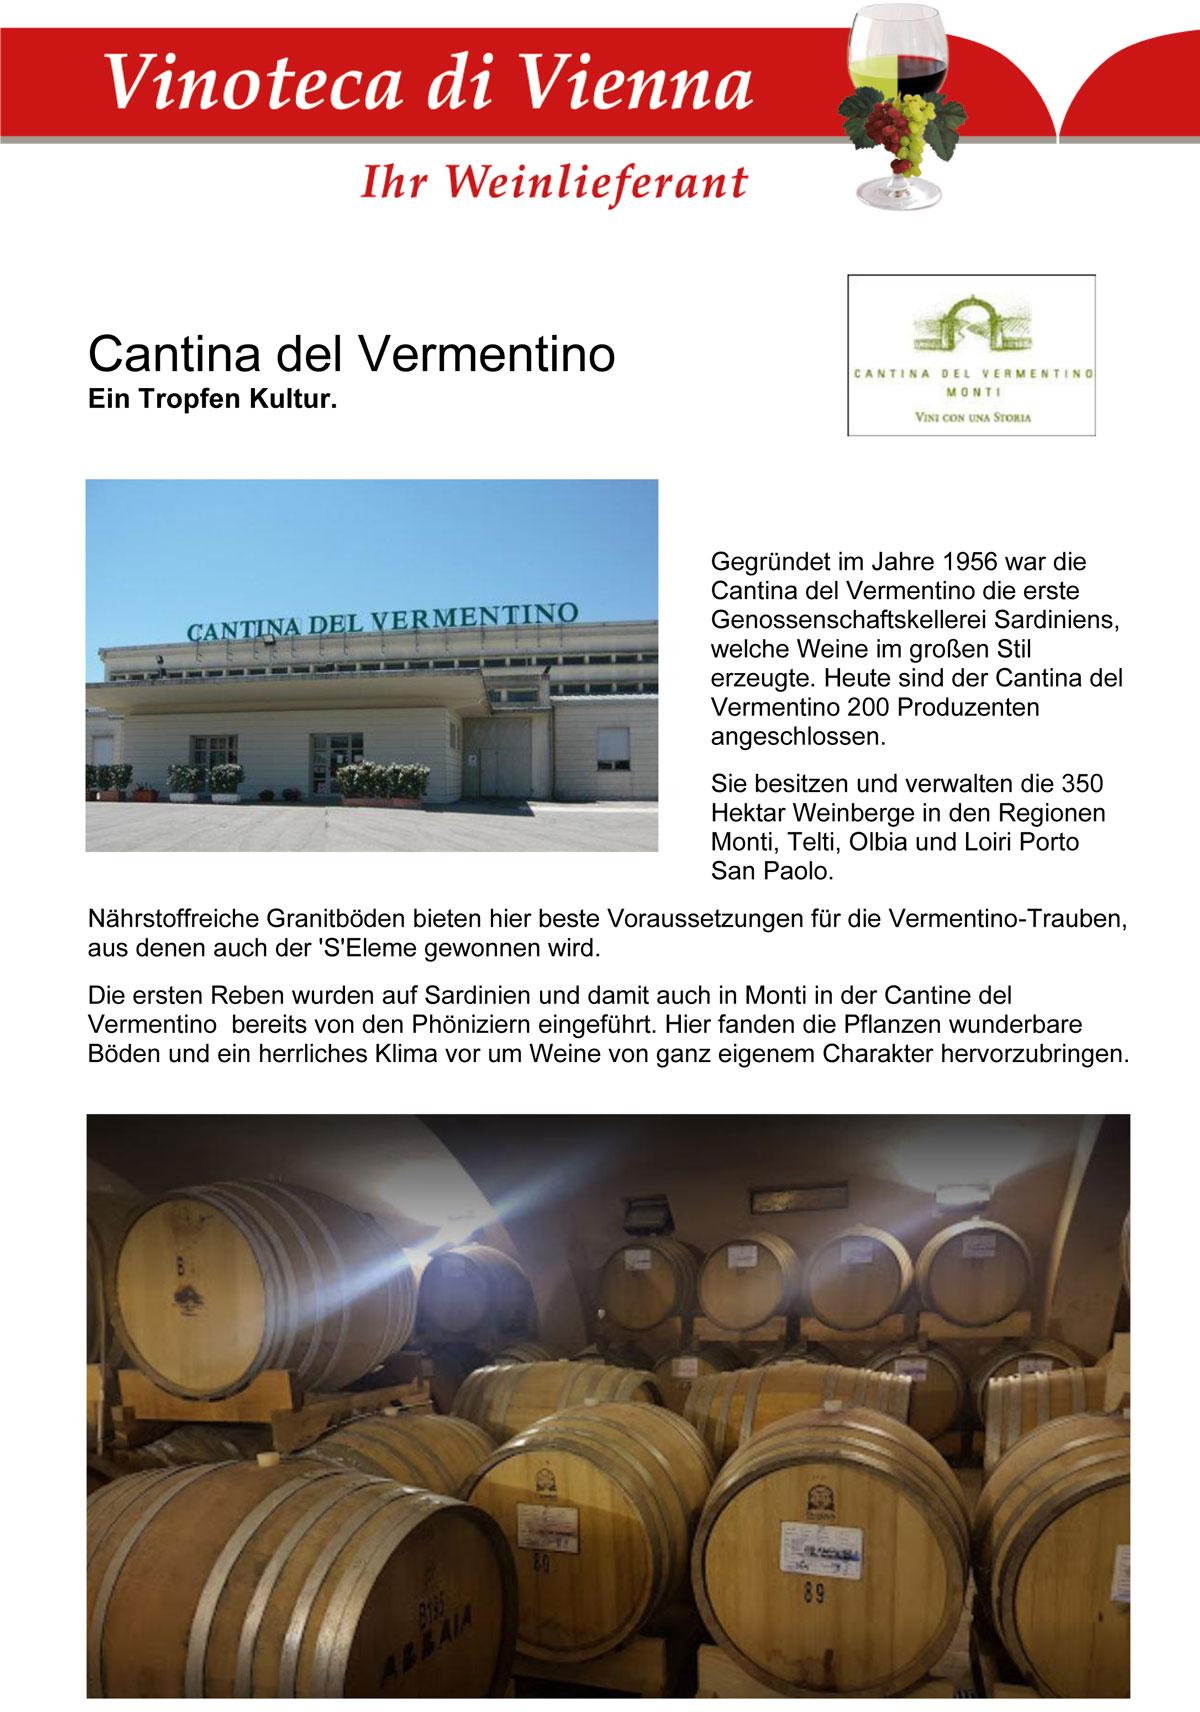 Cantina del Vermentino, Ein Tropfen Kultur. Sardinien, Italien